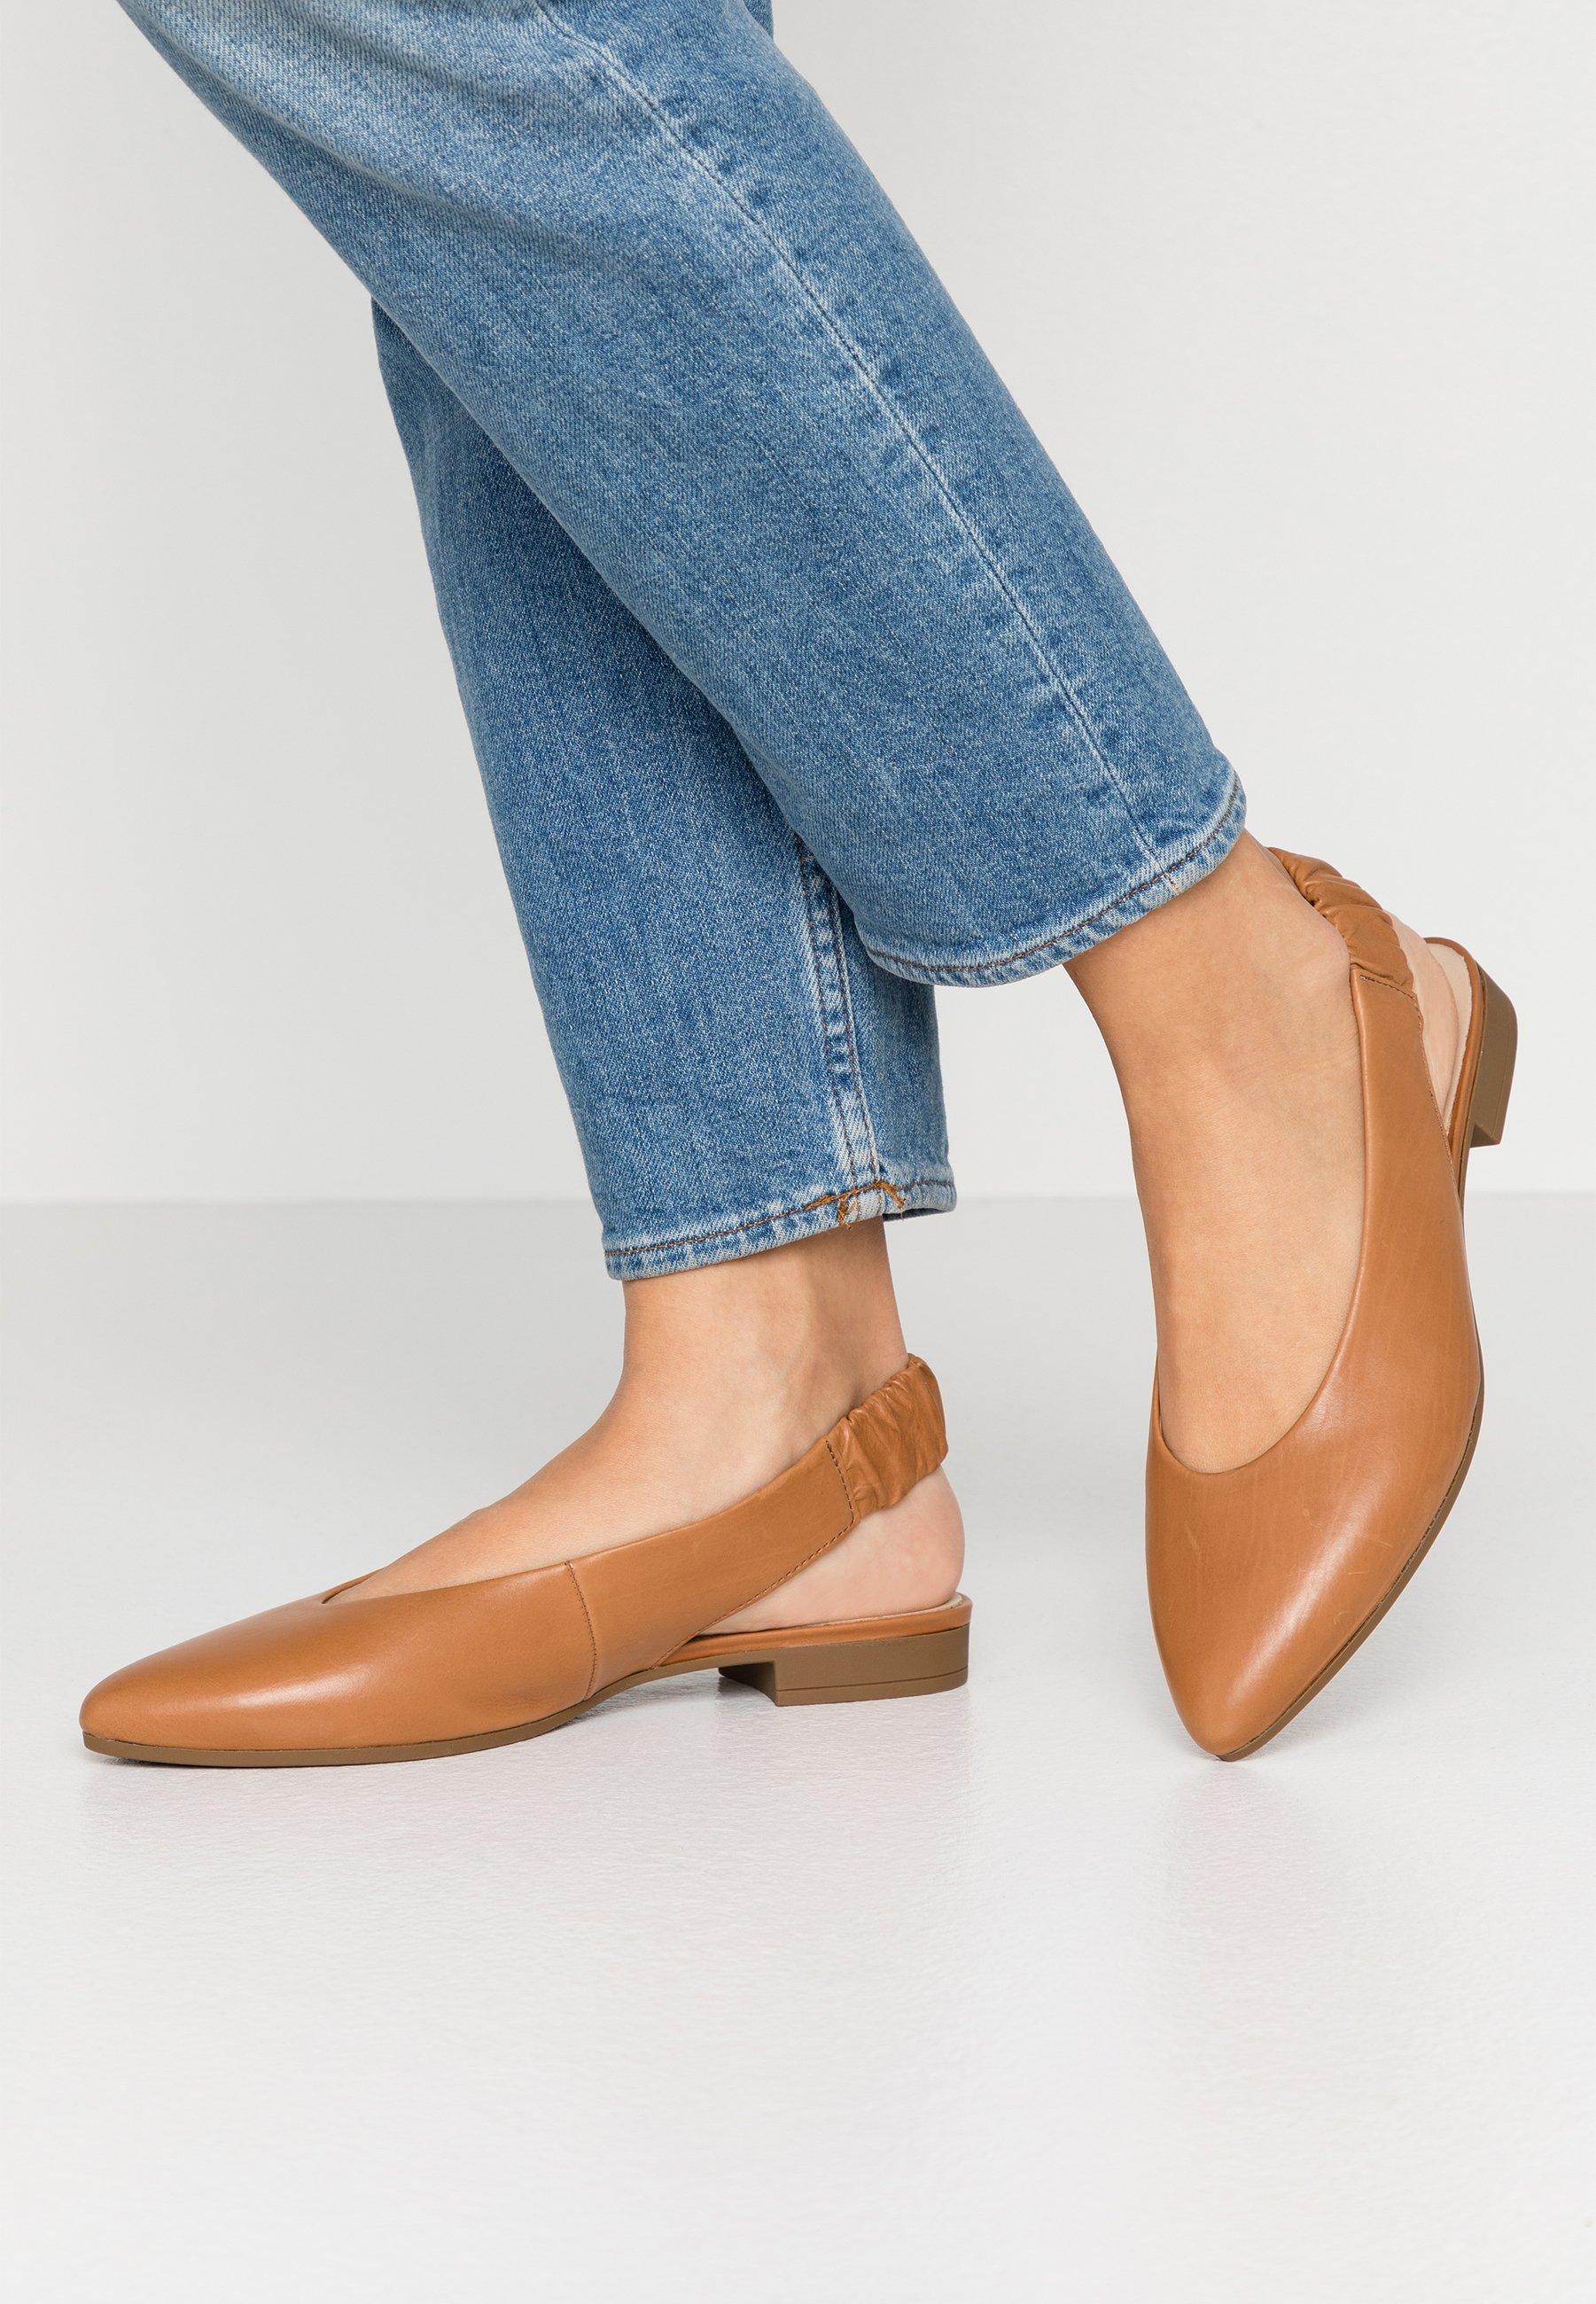 2020 Cool Top Quality Women's Shoes Gabor Slingback ballet pumps cognac D5rVPsA2X LpPt9q5TT